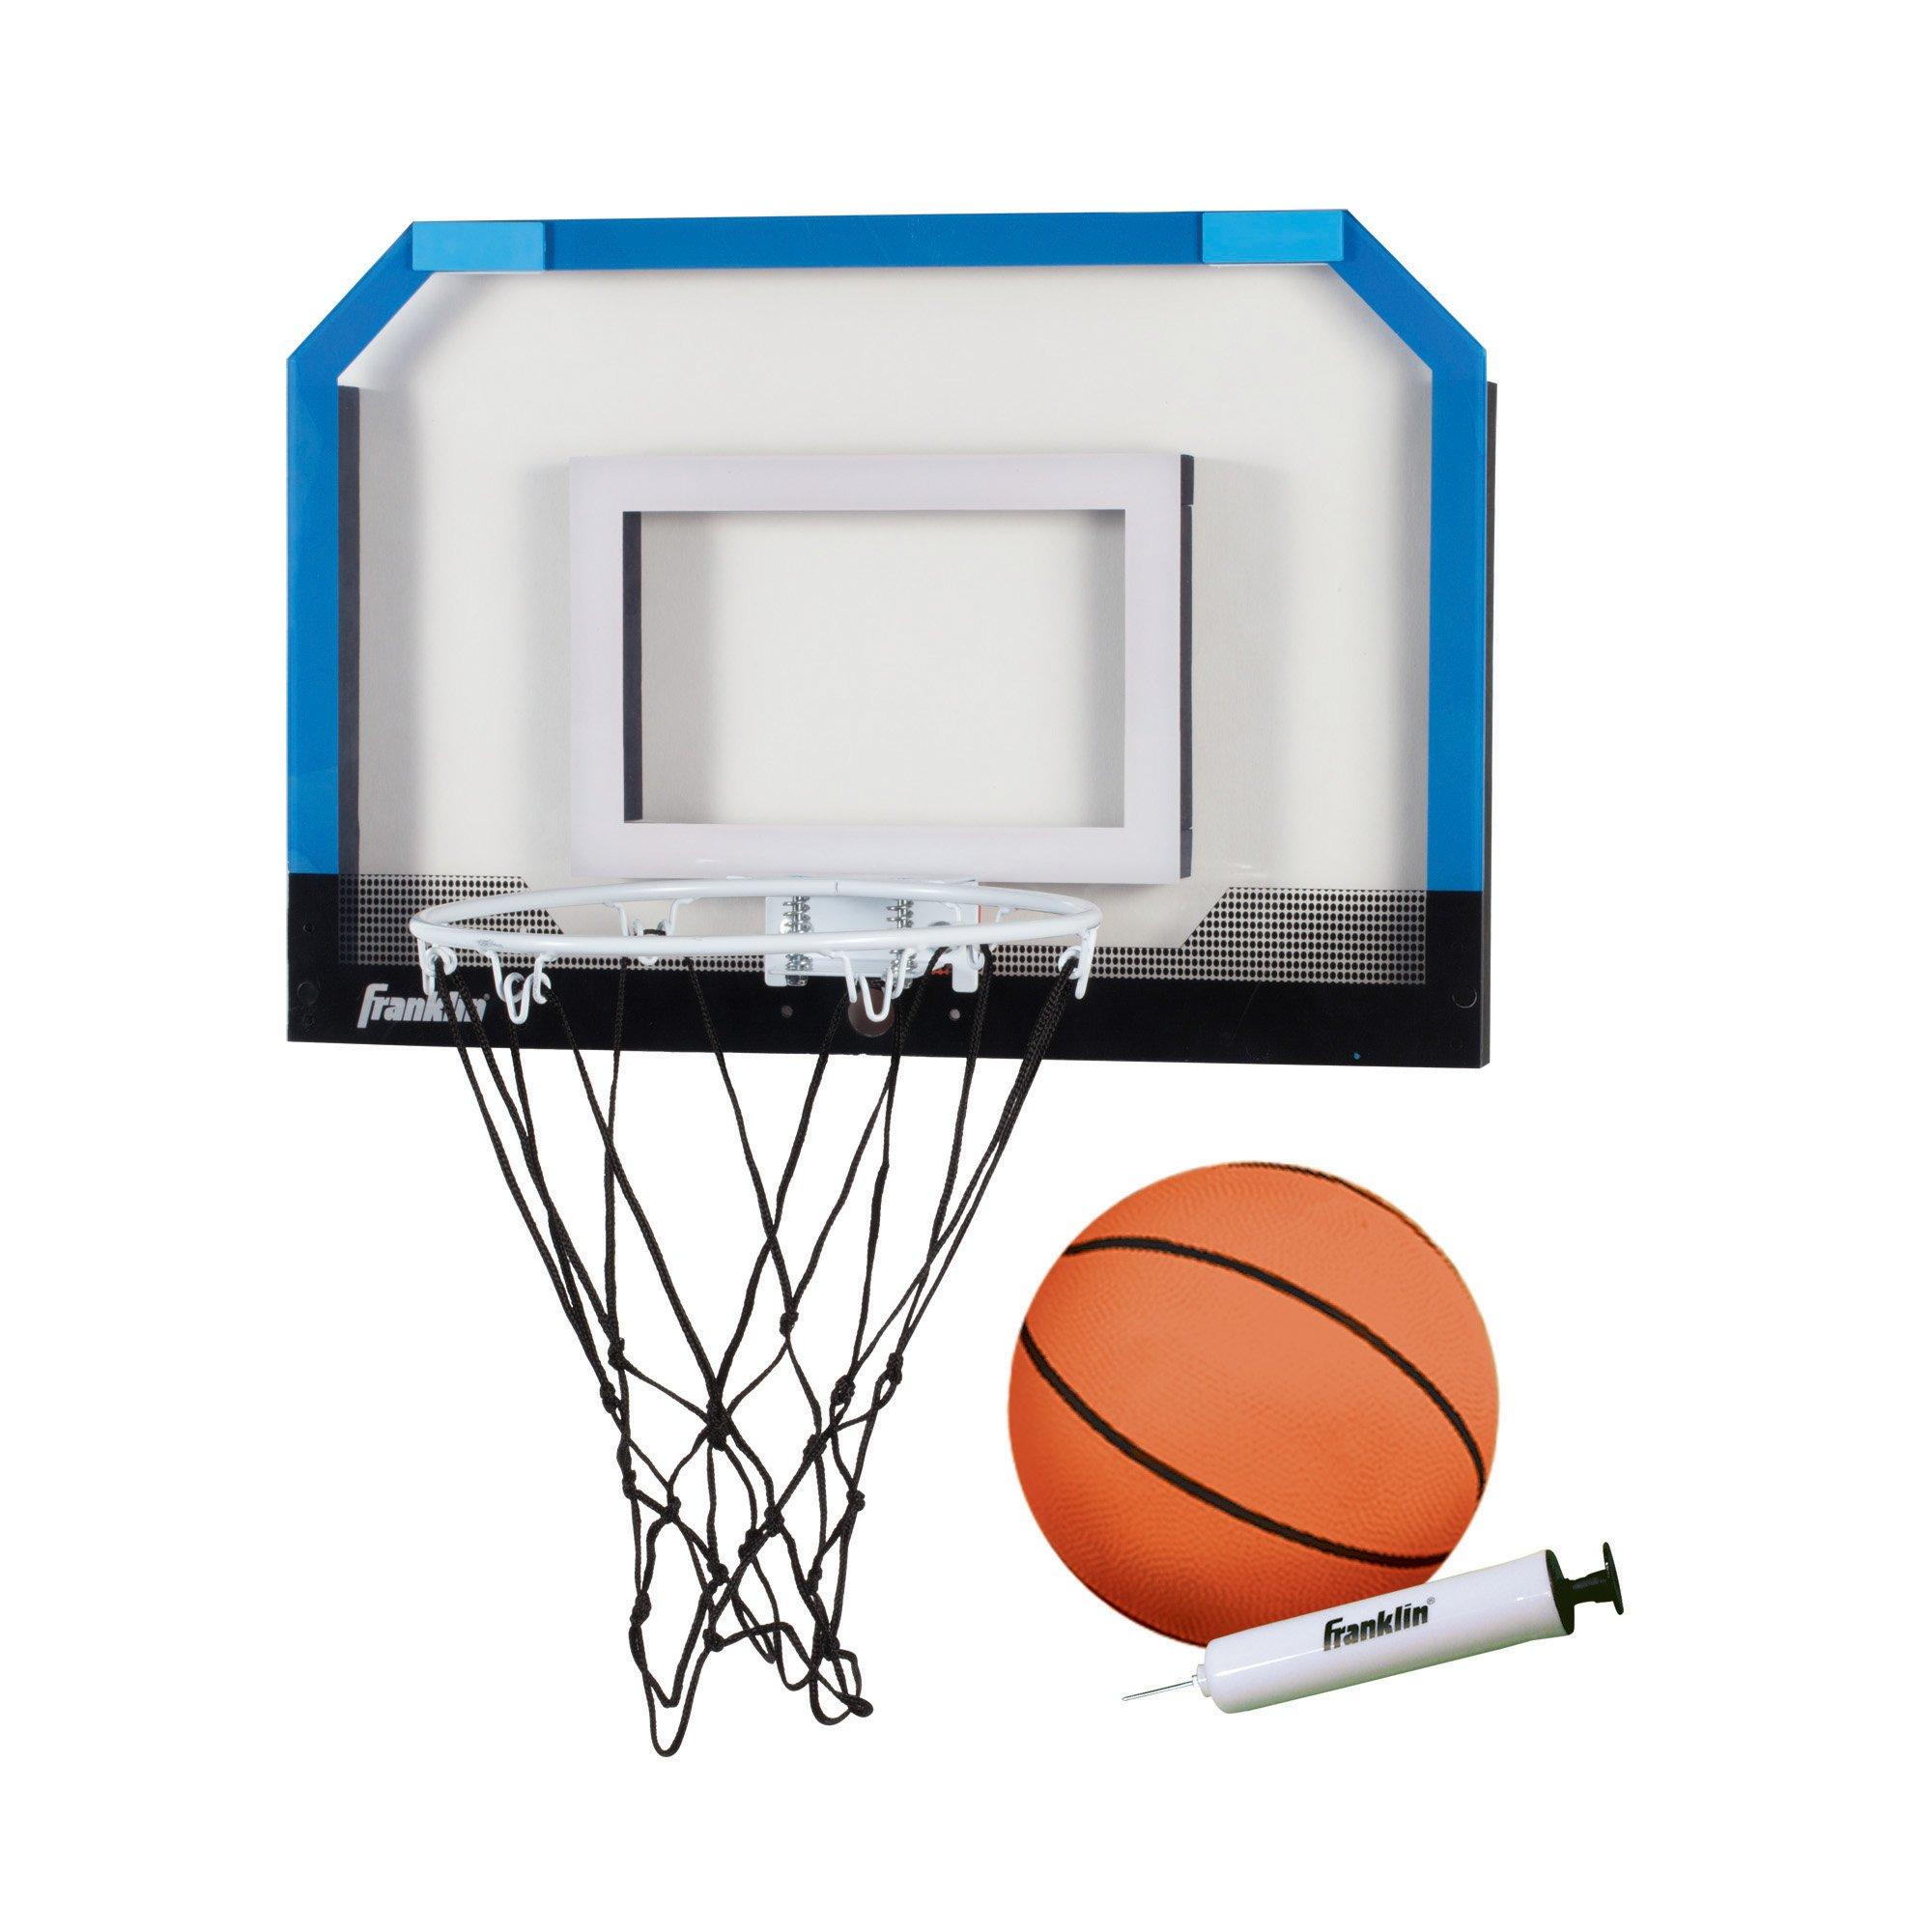 Franklin Sports Over the Door Mini-Basketball Hoop